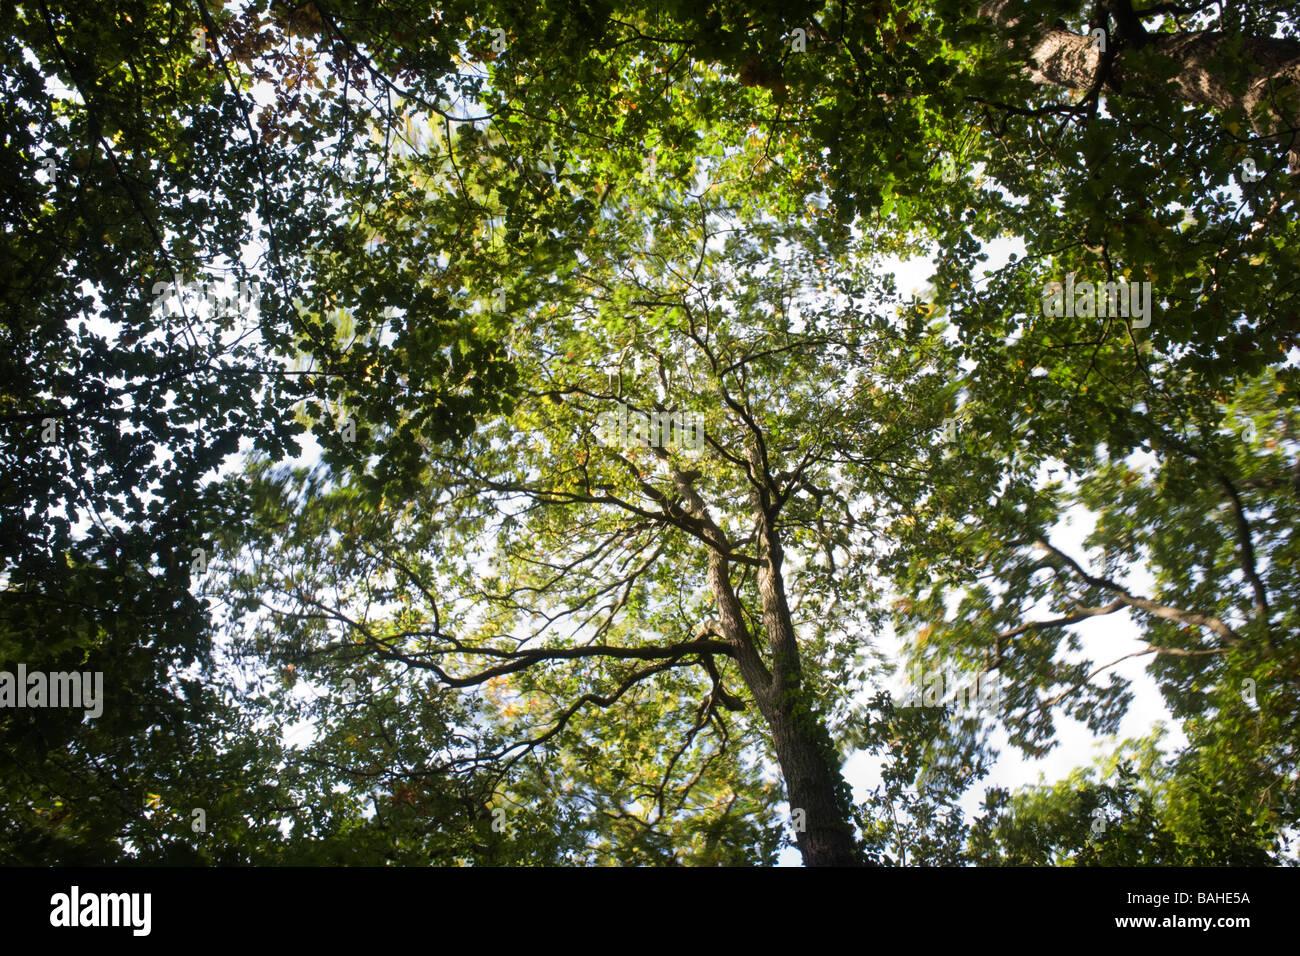 L'été du soleil filtre à travers les branches et le feuillage vert vieux de chênes se balançant Photo Stock